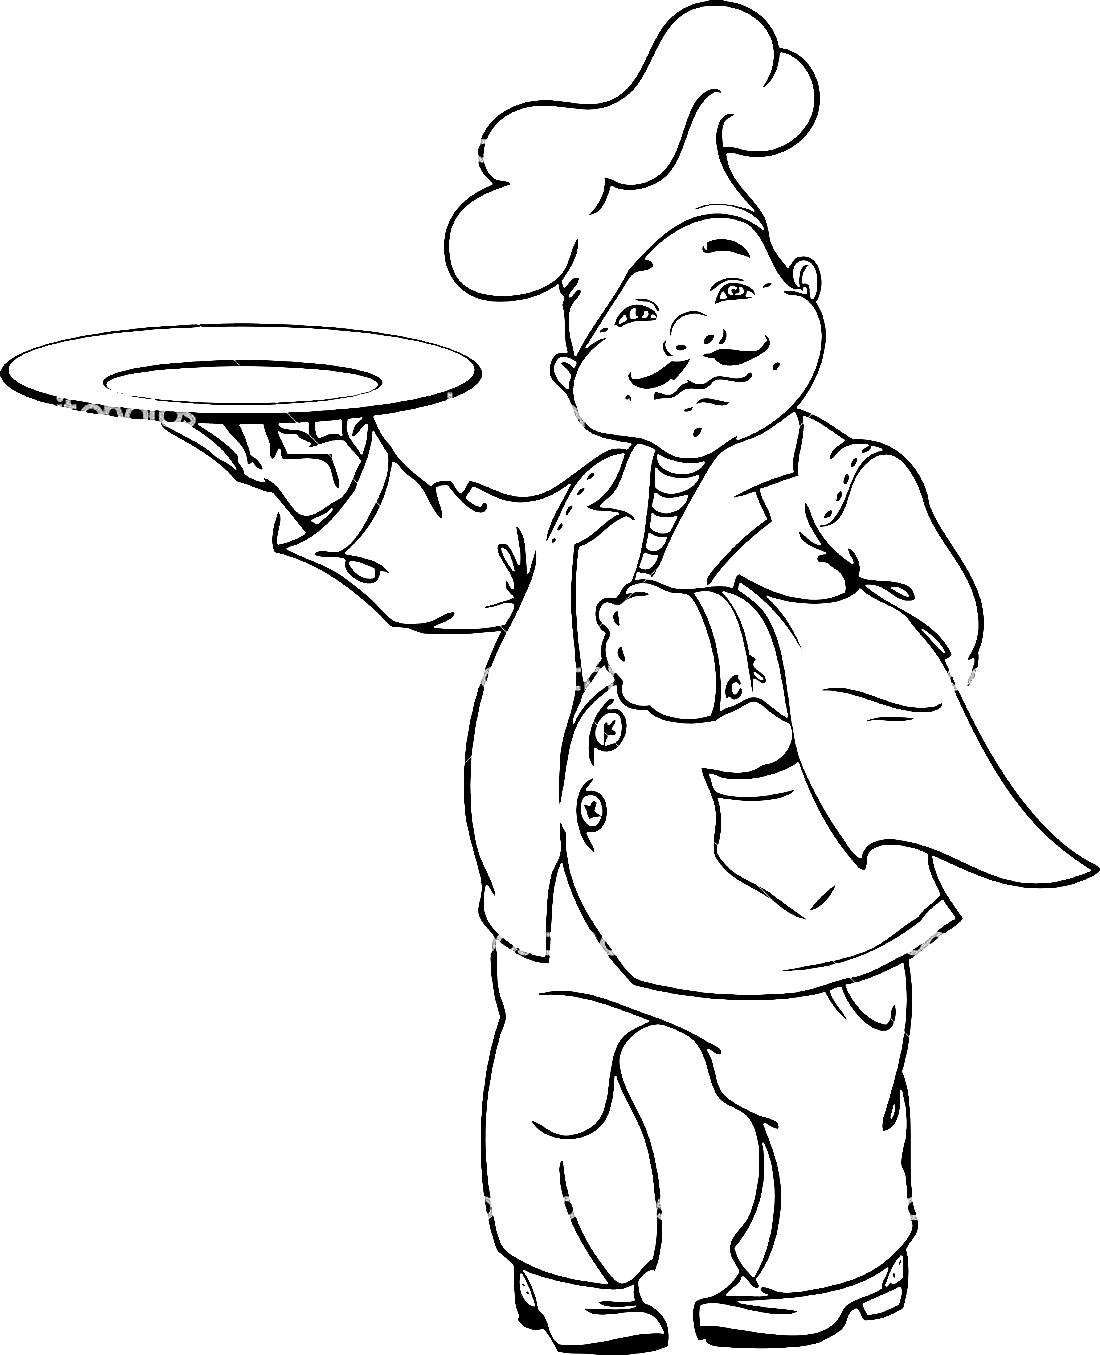 раскраски на тему день повара           раскраски на тему день повара для мальчиков и девочек. Интересные раскраски с поварами на день повара. Раскраски с днем повара для детей